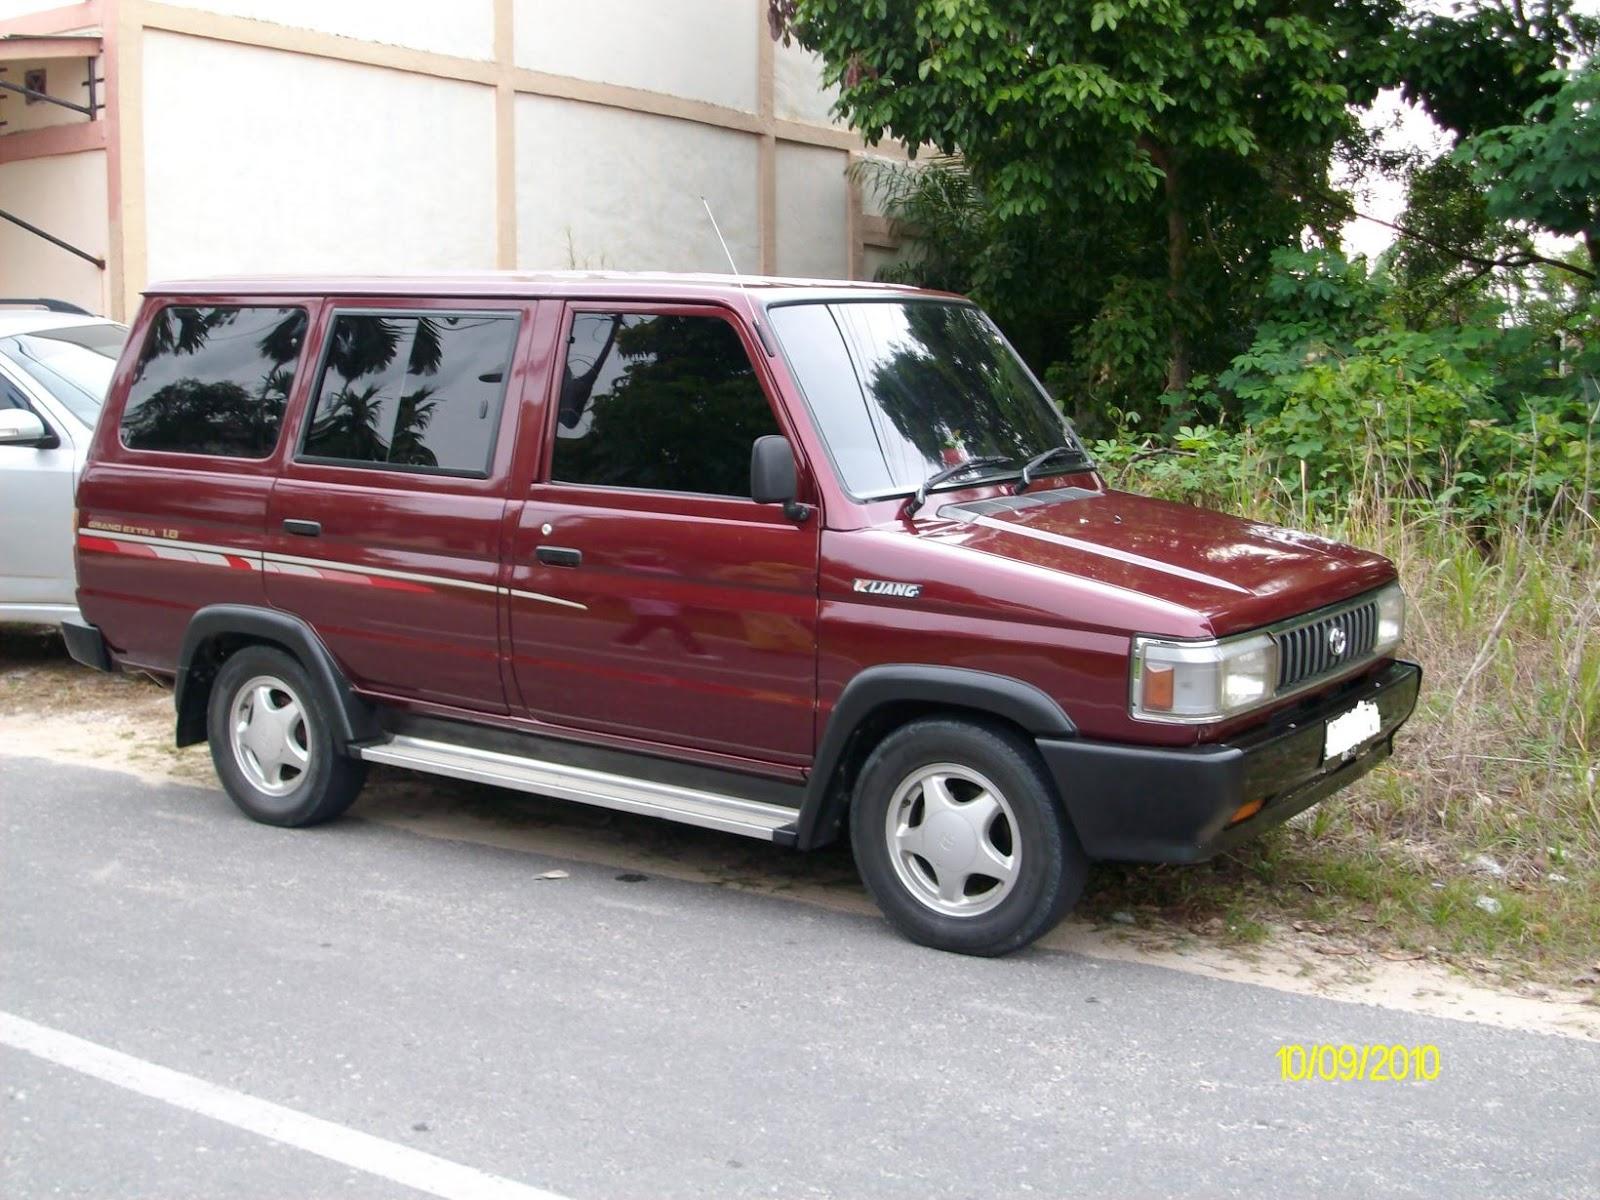 Dijual Toyota Kijang Grand Extra Sgx 1 8 Mobil Bekas ...